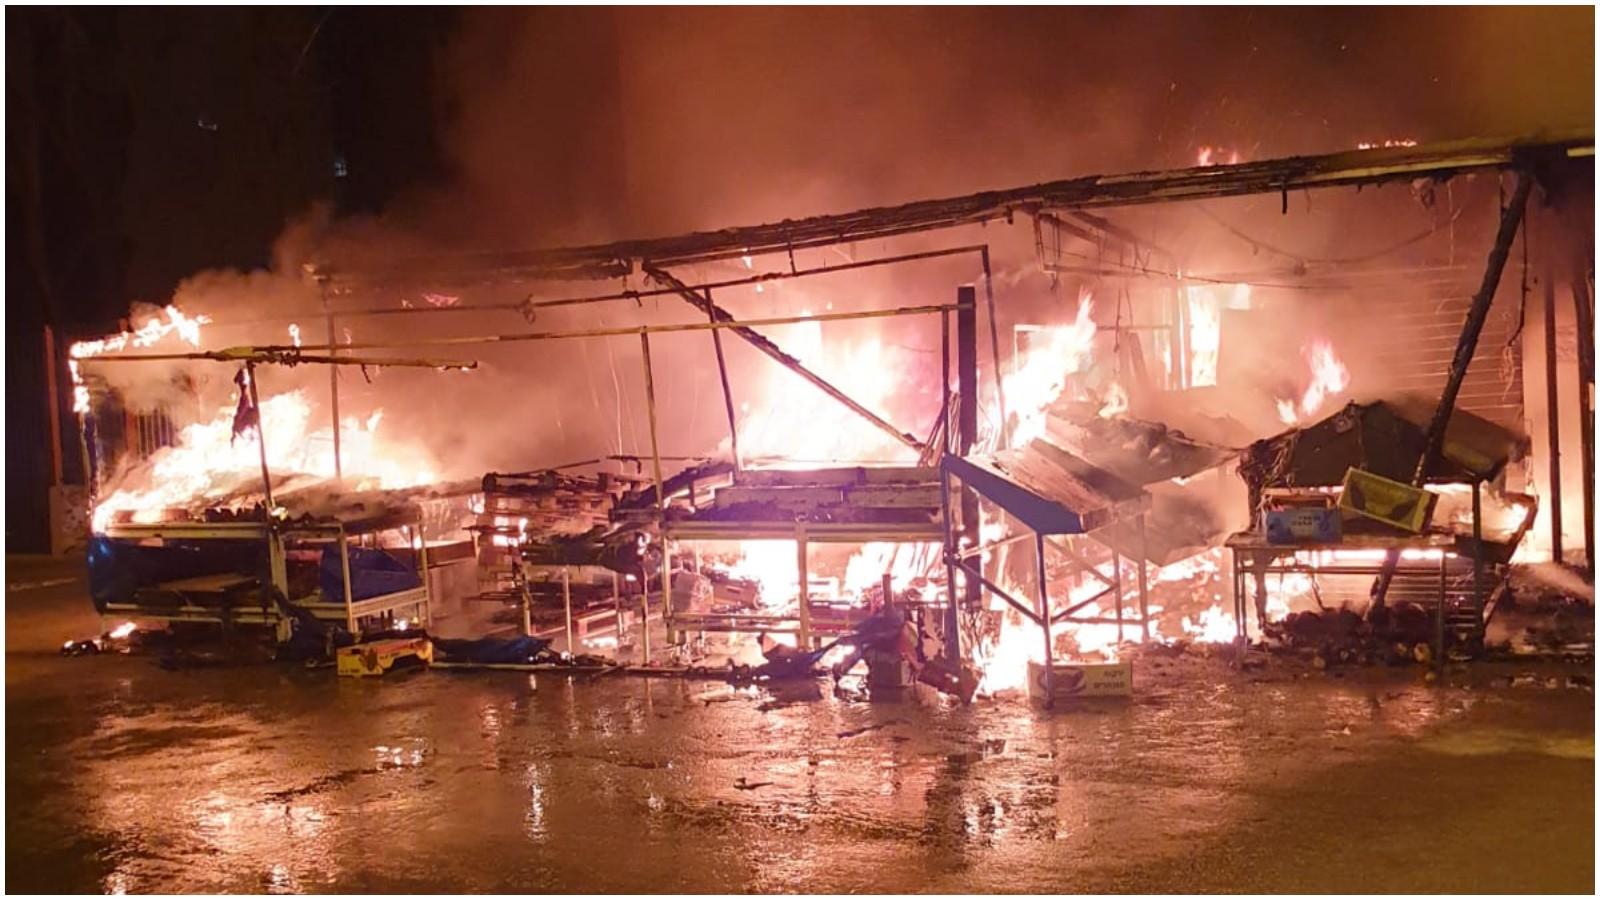 השריפה במתחם השוק בכפר סבא. צילום כיבוי אש